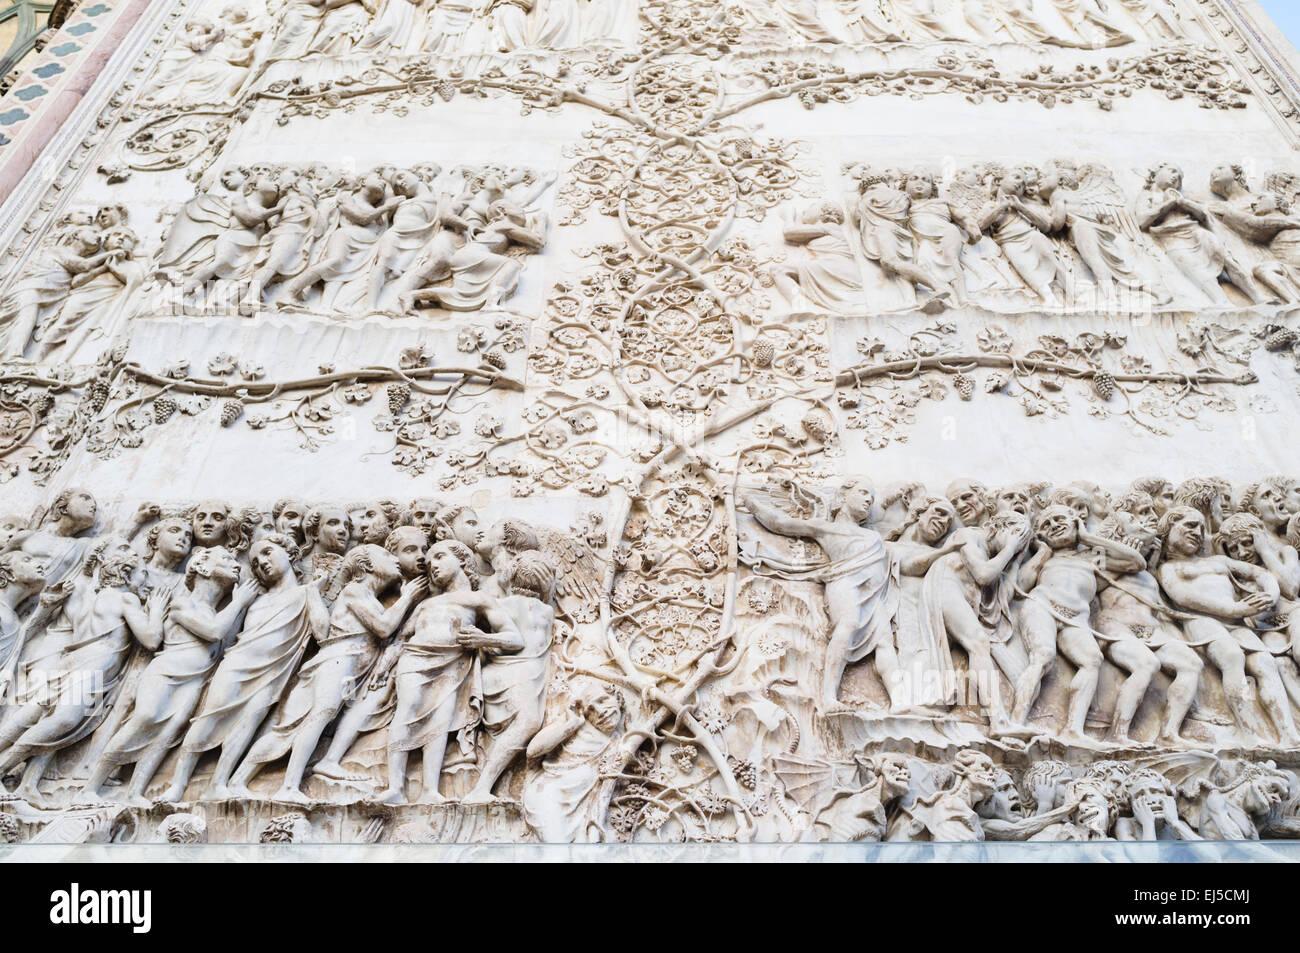 14th-century bajorrelieve que representa el Juicio Final (Apocalipsis) en la fachada de la Catedral de Orvieto, Imagen De Stock